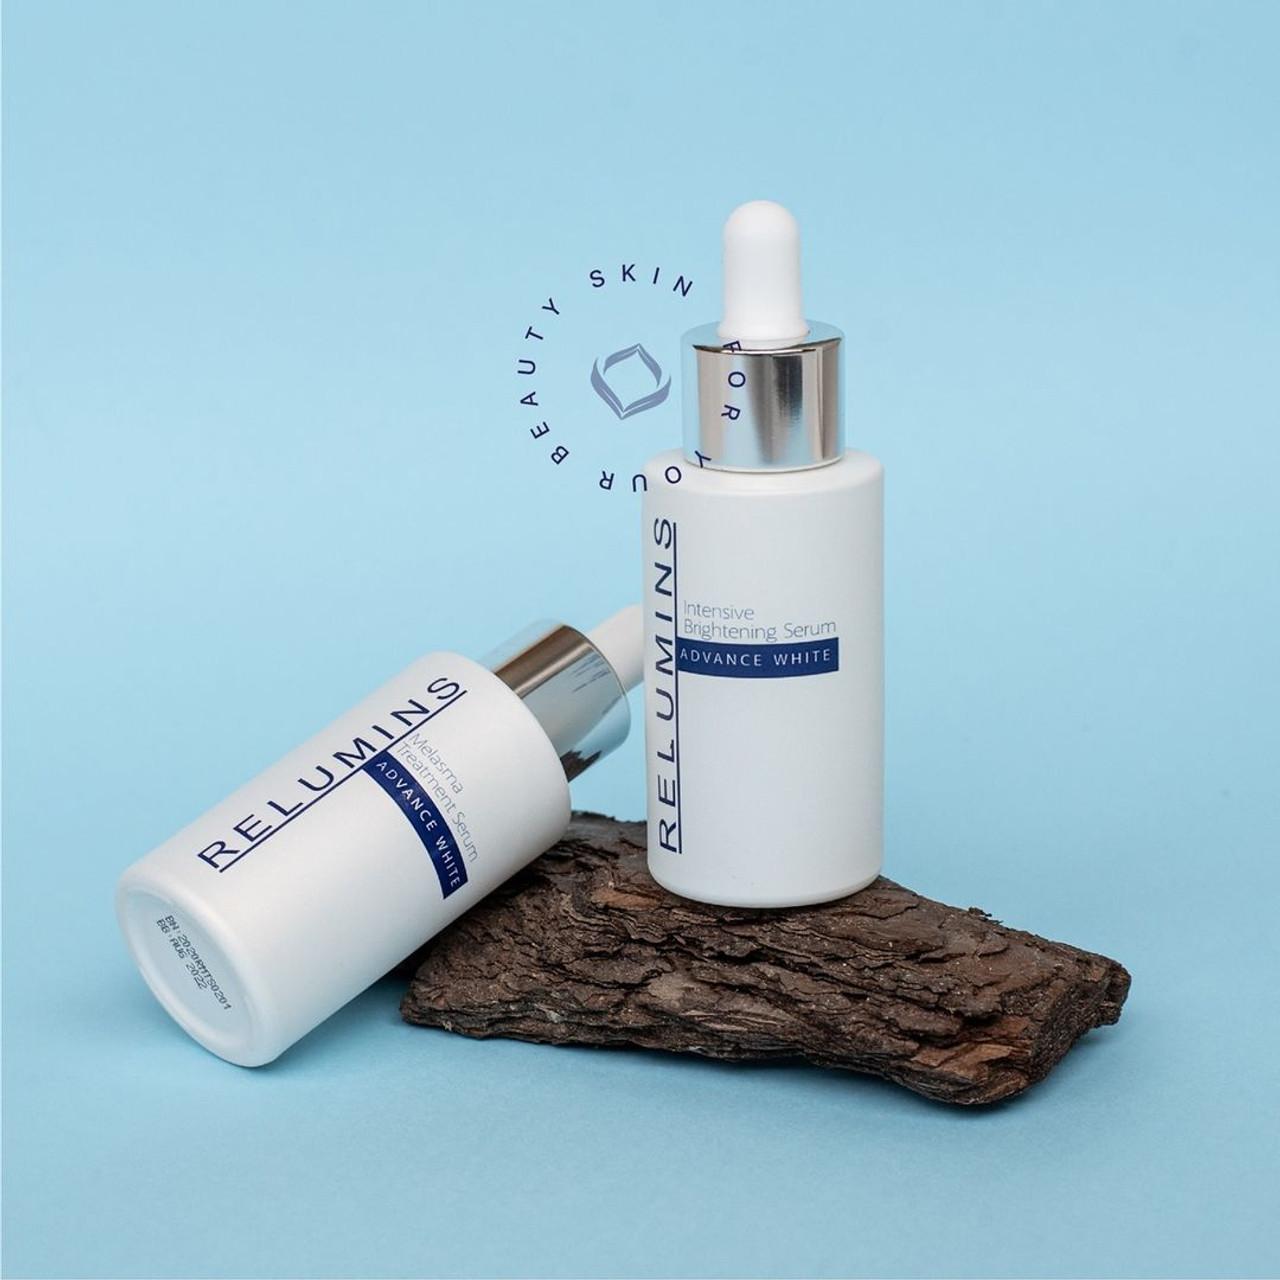 Relumins Advance White TA Stem Cell Intensive Brightening Repair Serum